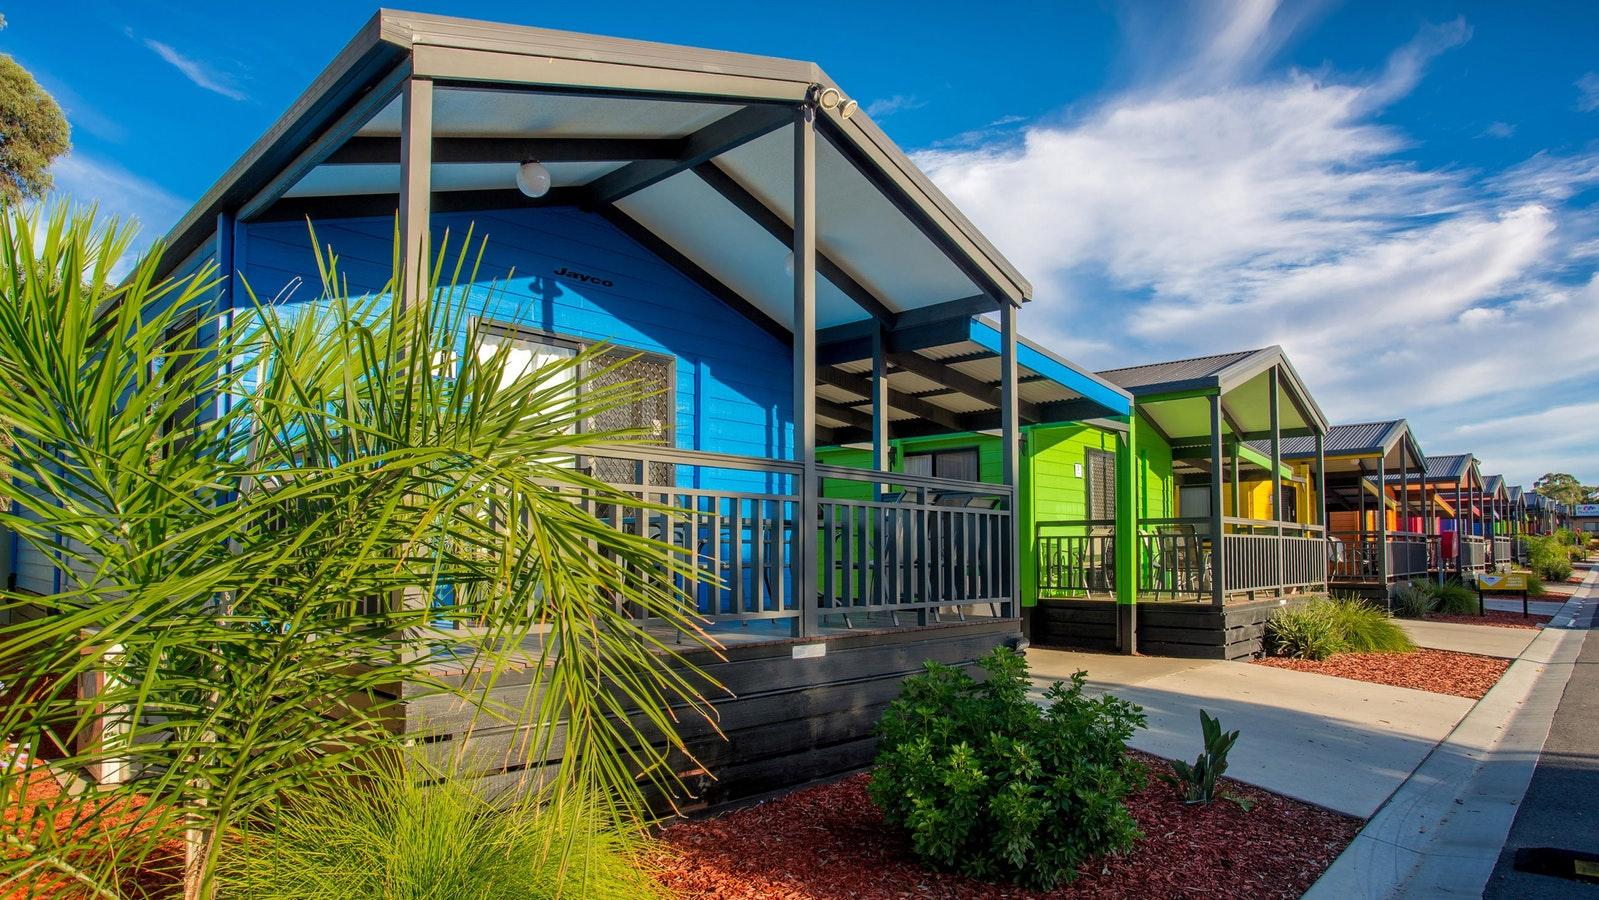 BIG4 Bendigo Park Lane Holiday Park